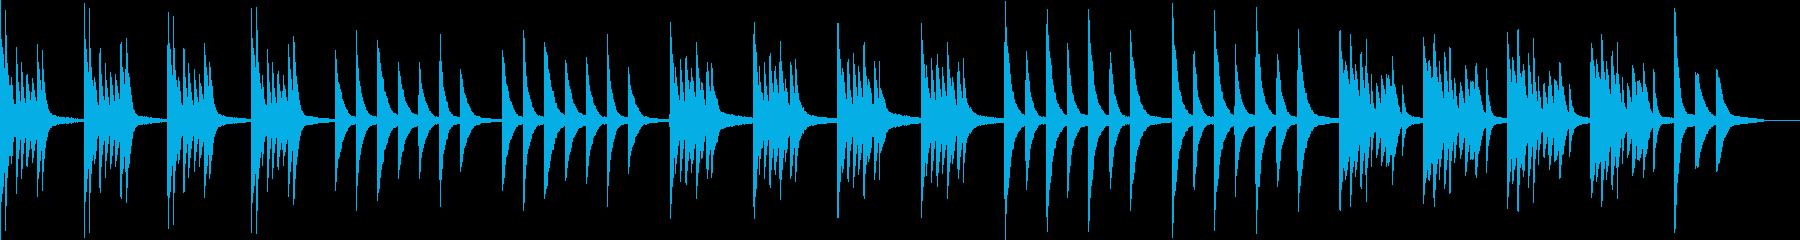 ホラー・不安なピアノ曲の再生済みの波形